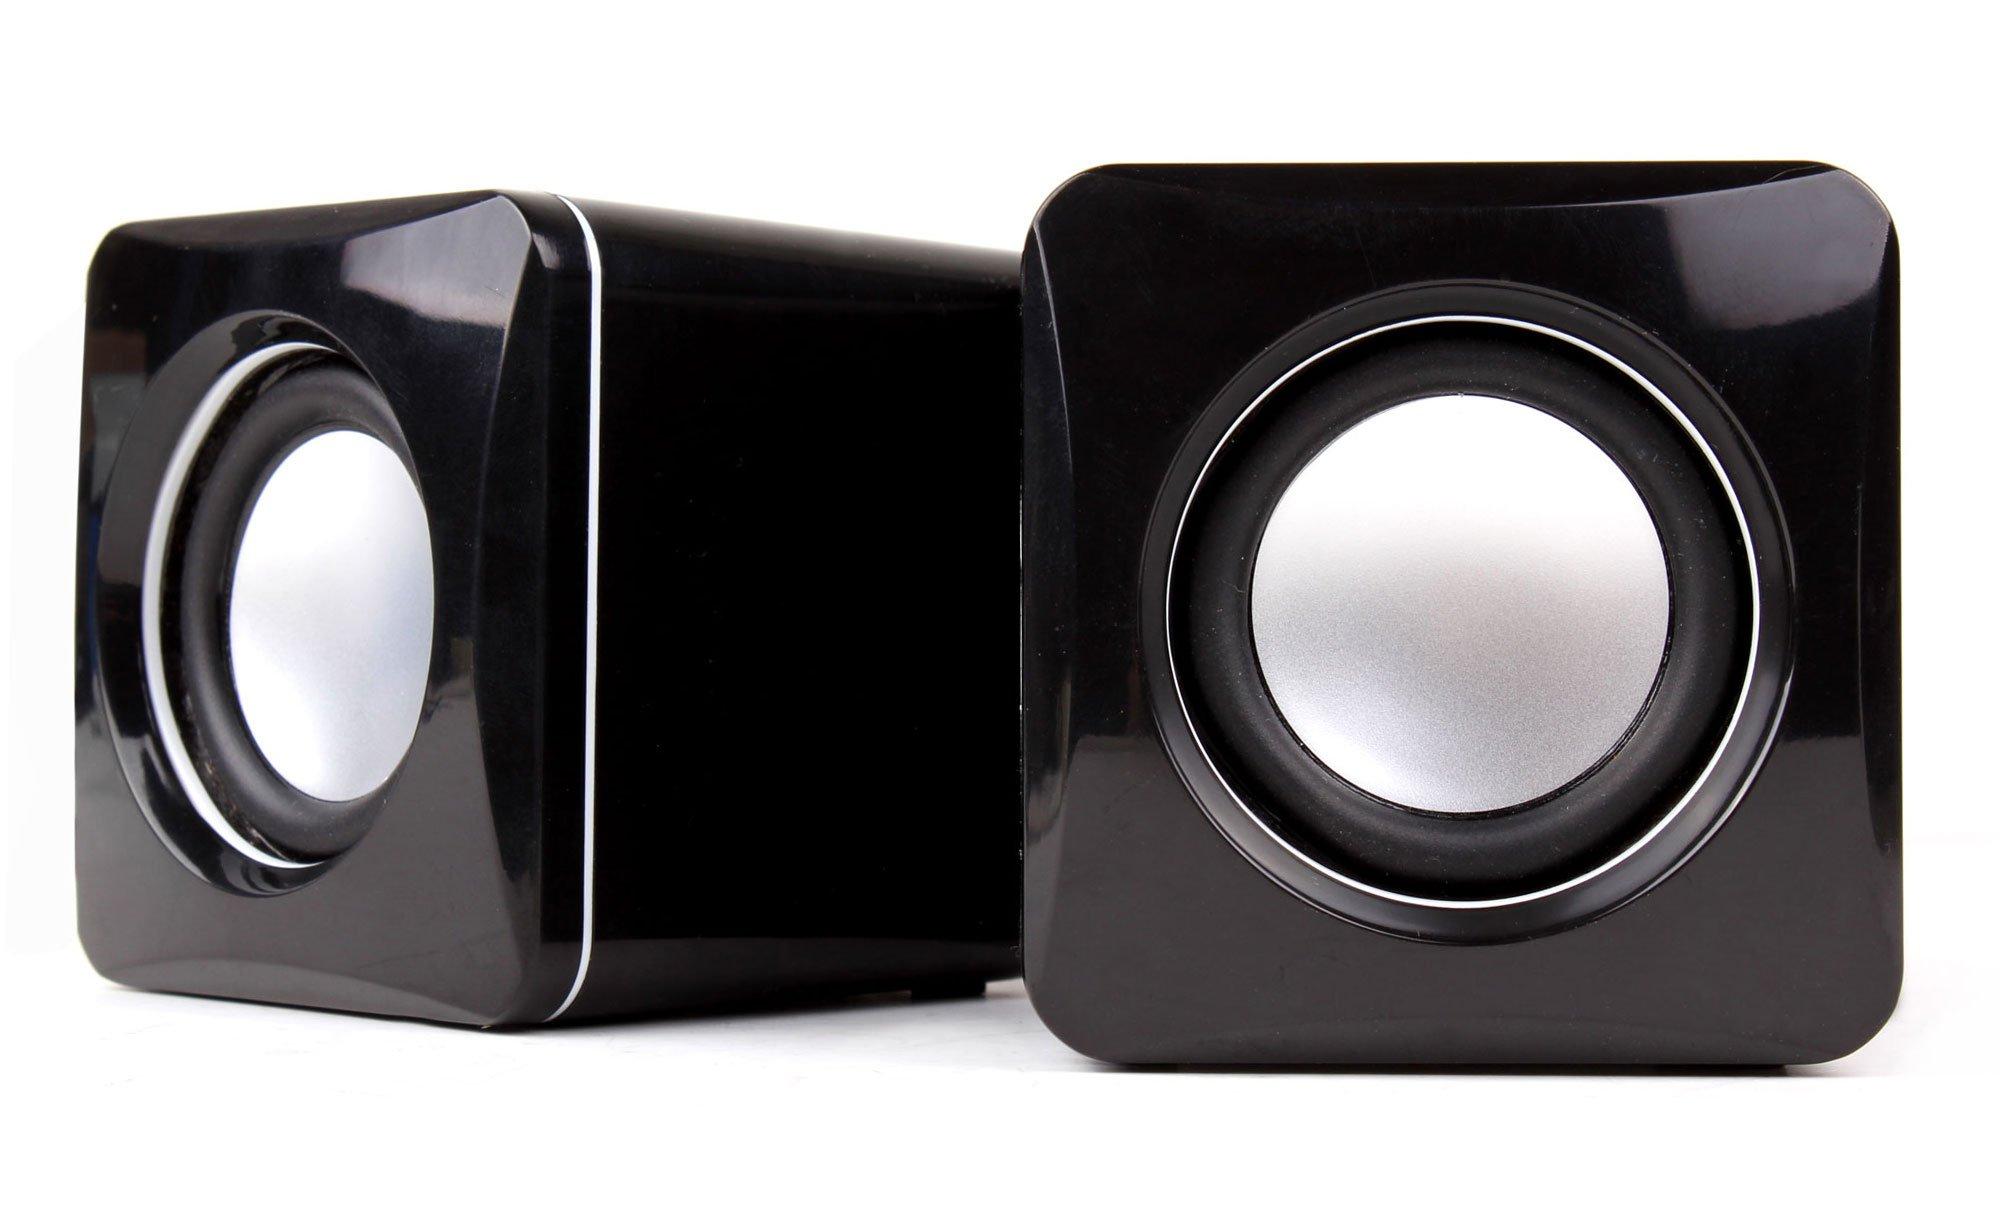 DURAGADGET Altavoces Compactos para Smartphone Huawei P9 / P9 Plus / P9 Lite: Amazon.es: Electrónica